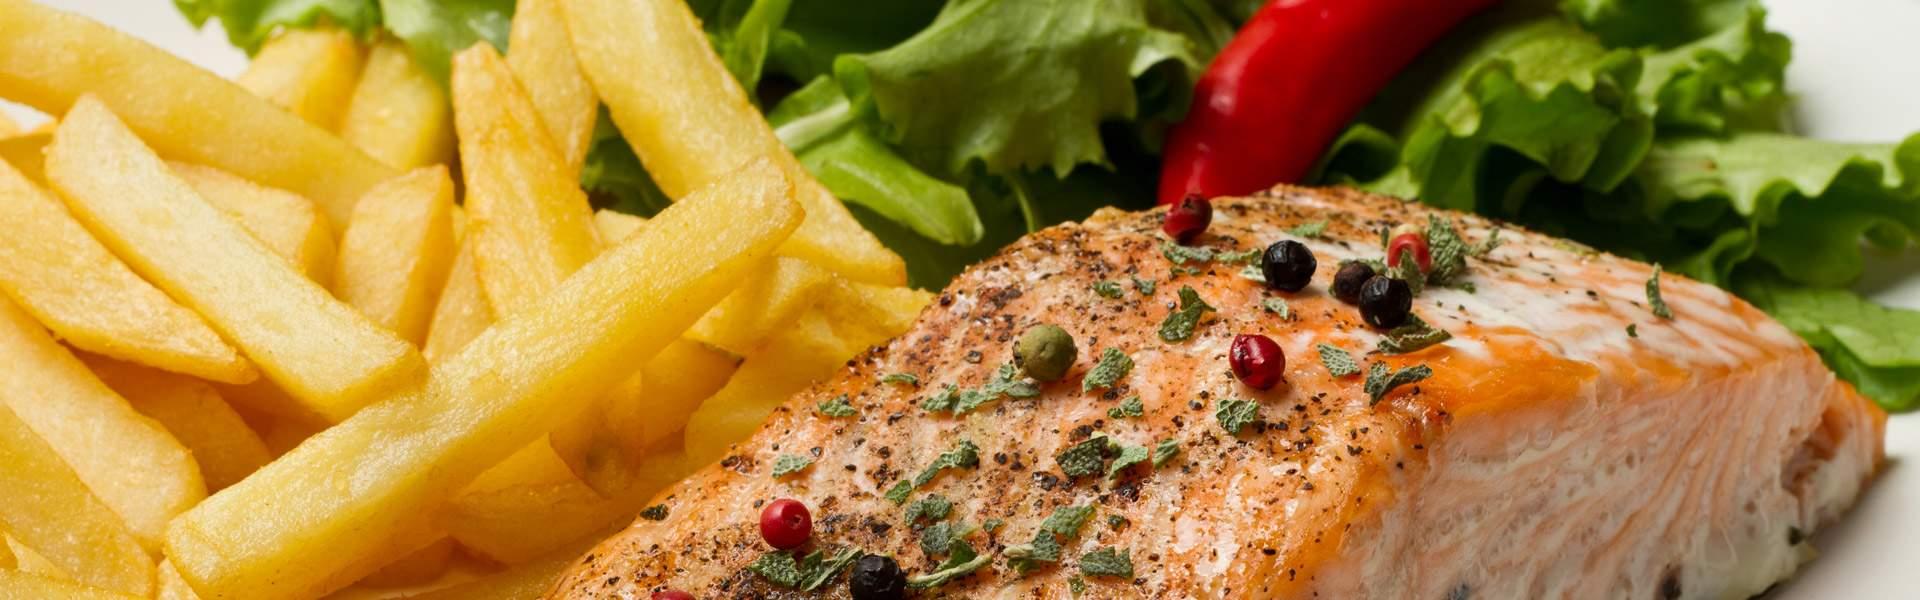 Oberlausitzer Dreieck gGmbH - Catering Angebote